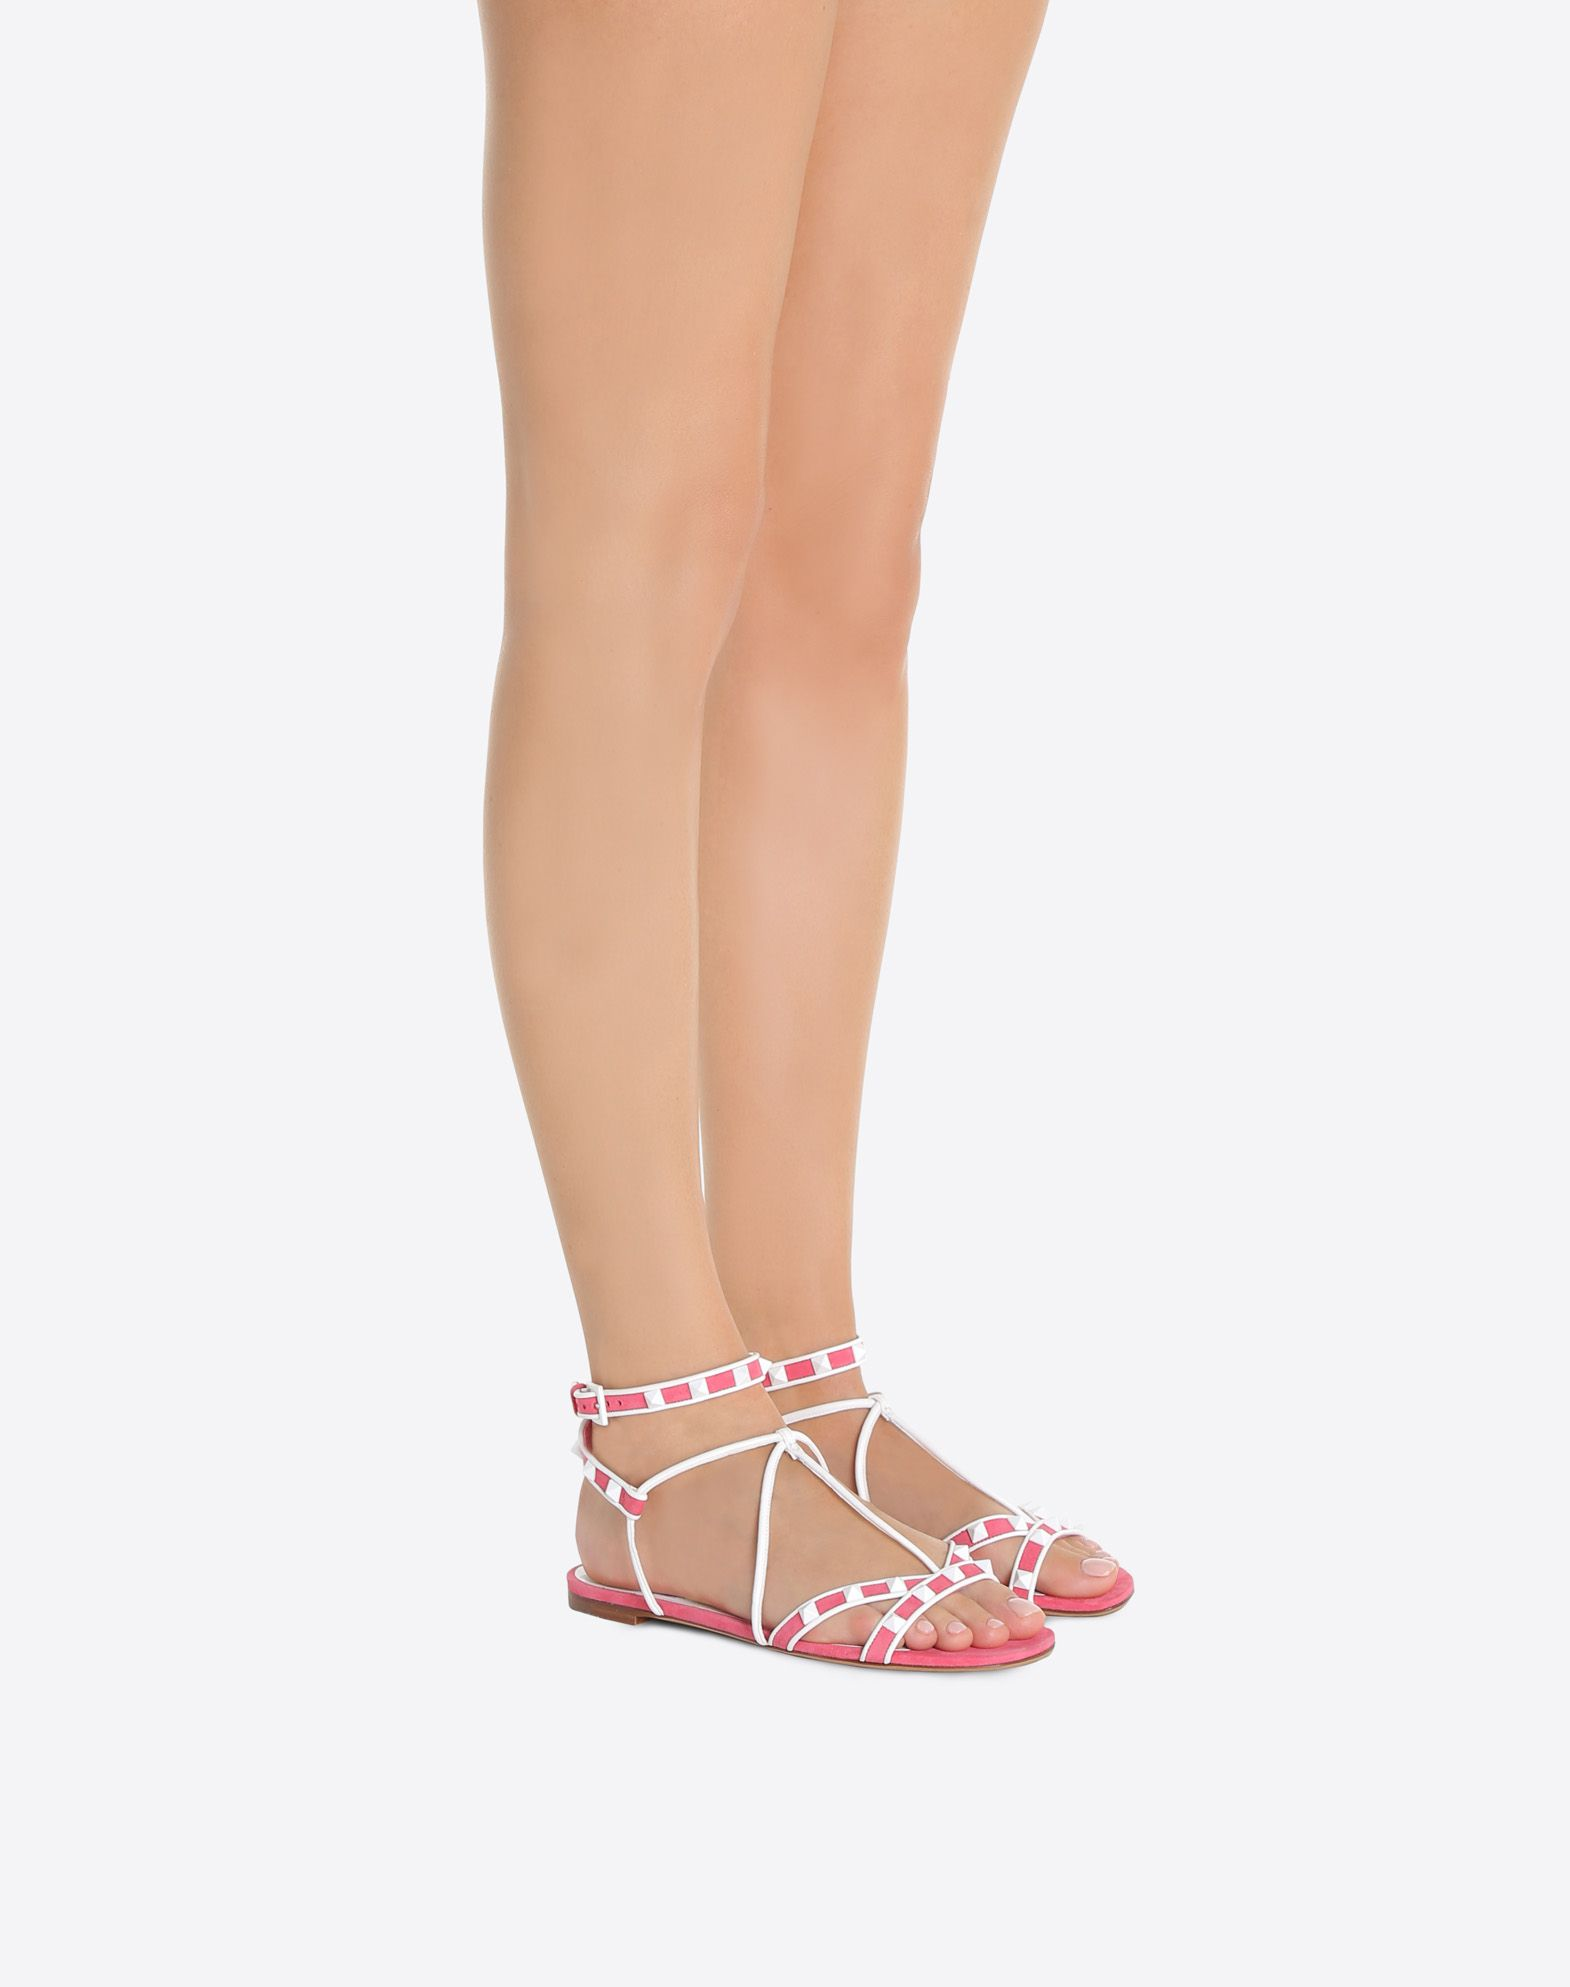 Chaussures plates en daim à bride en T RockstudValentino WVuvPd